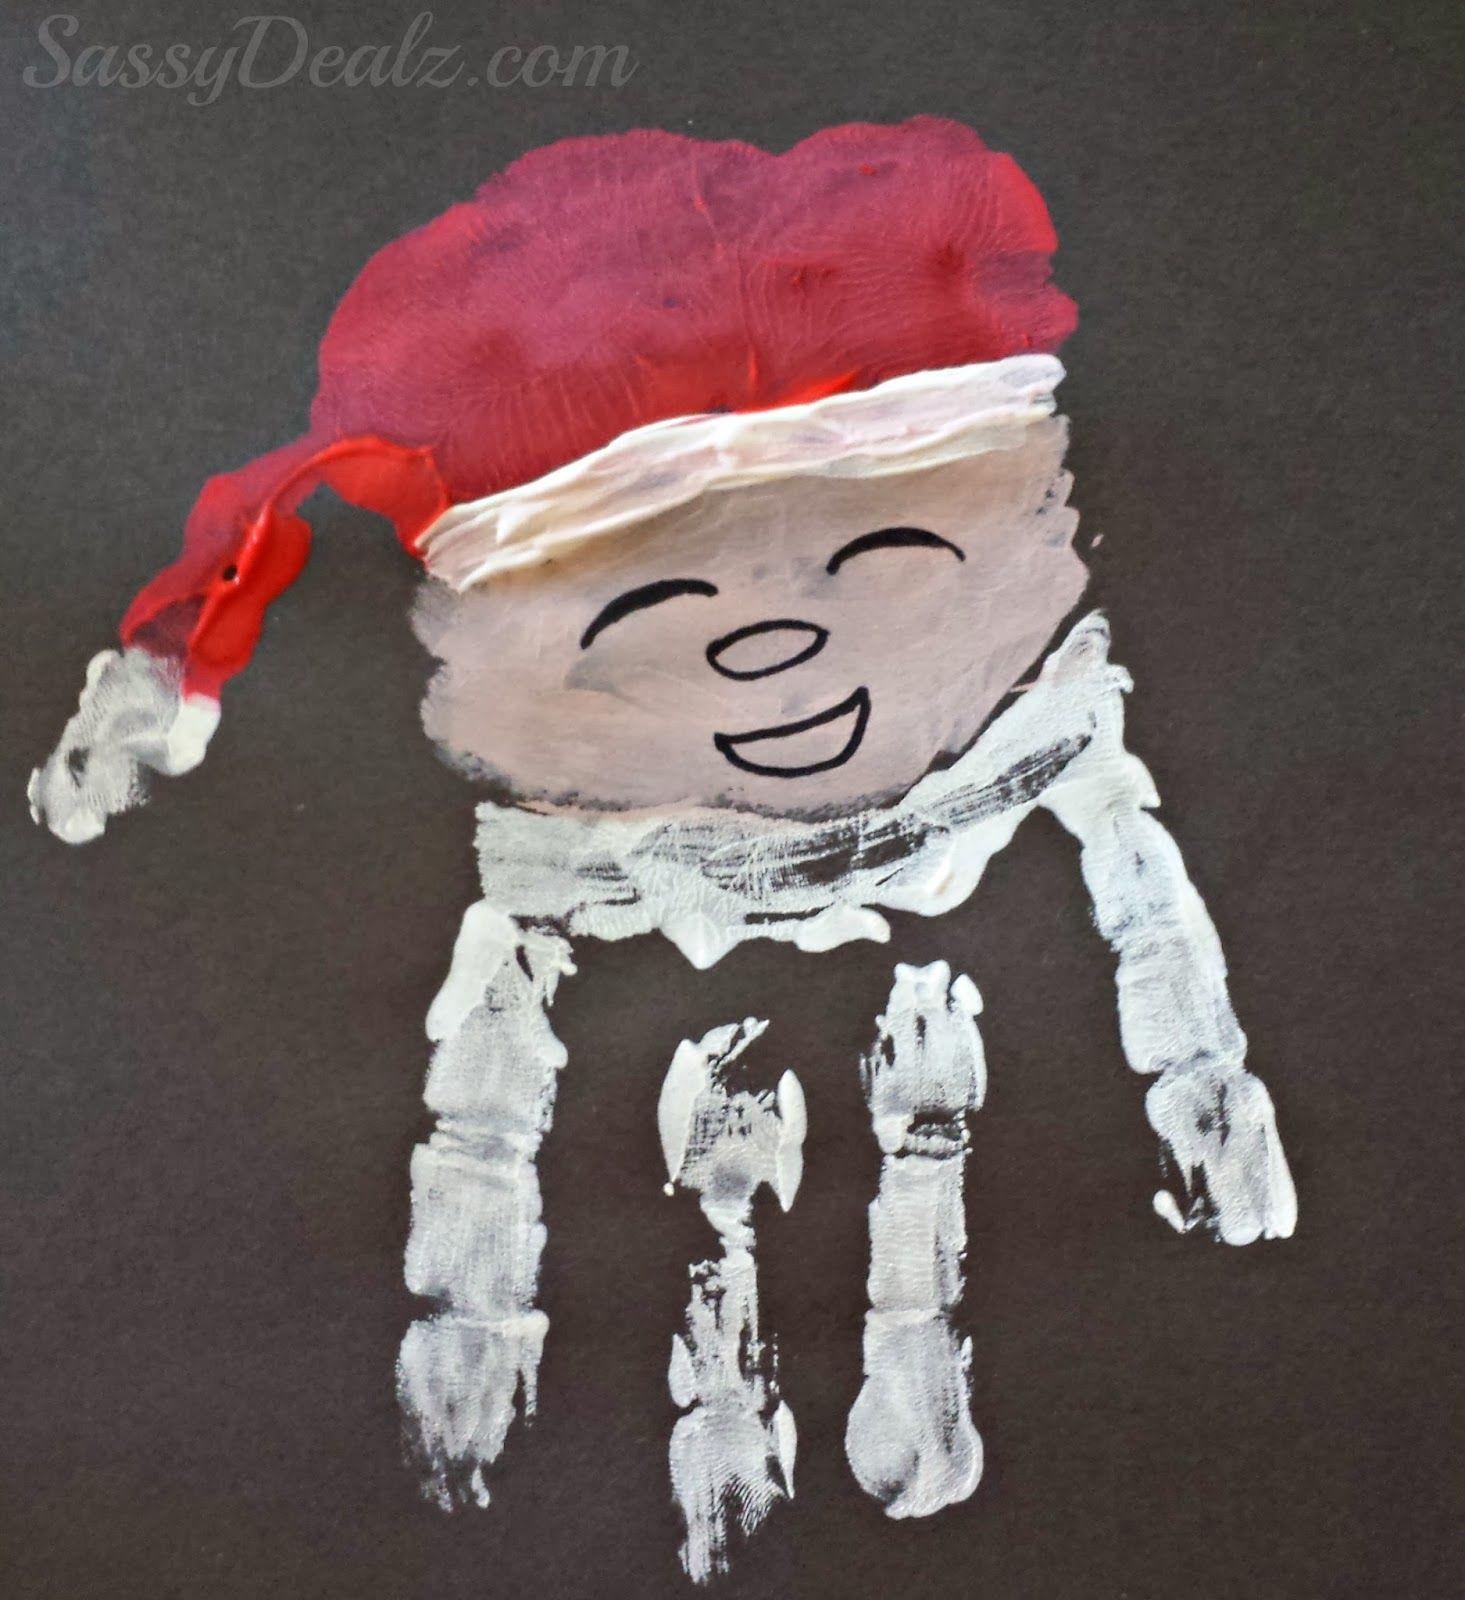 Handprint Santa Claus Craft For Kids At Christmas